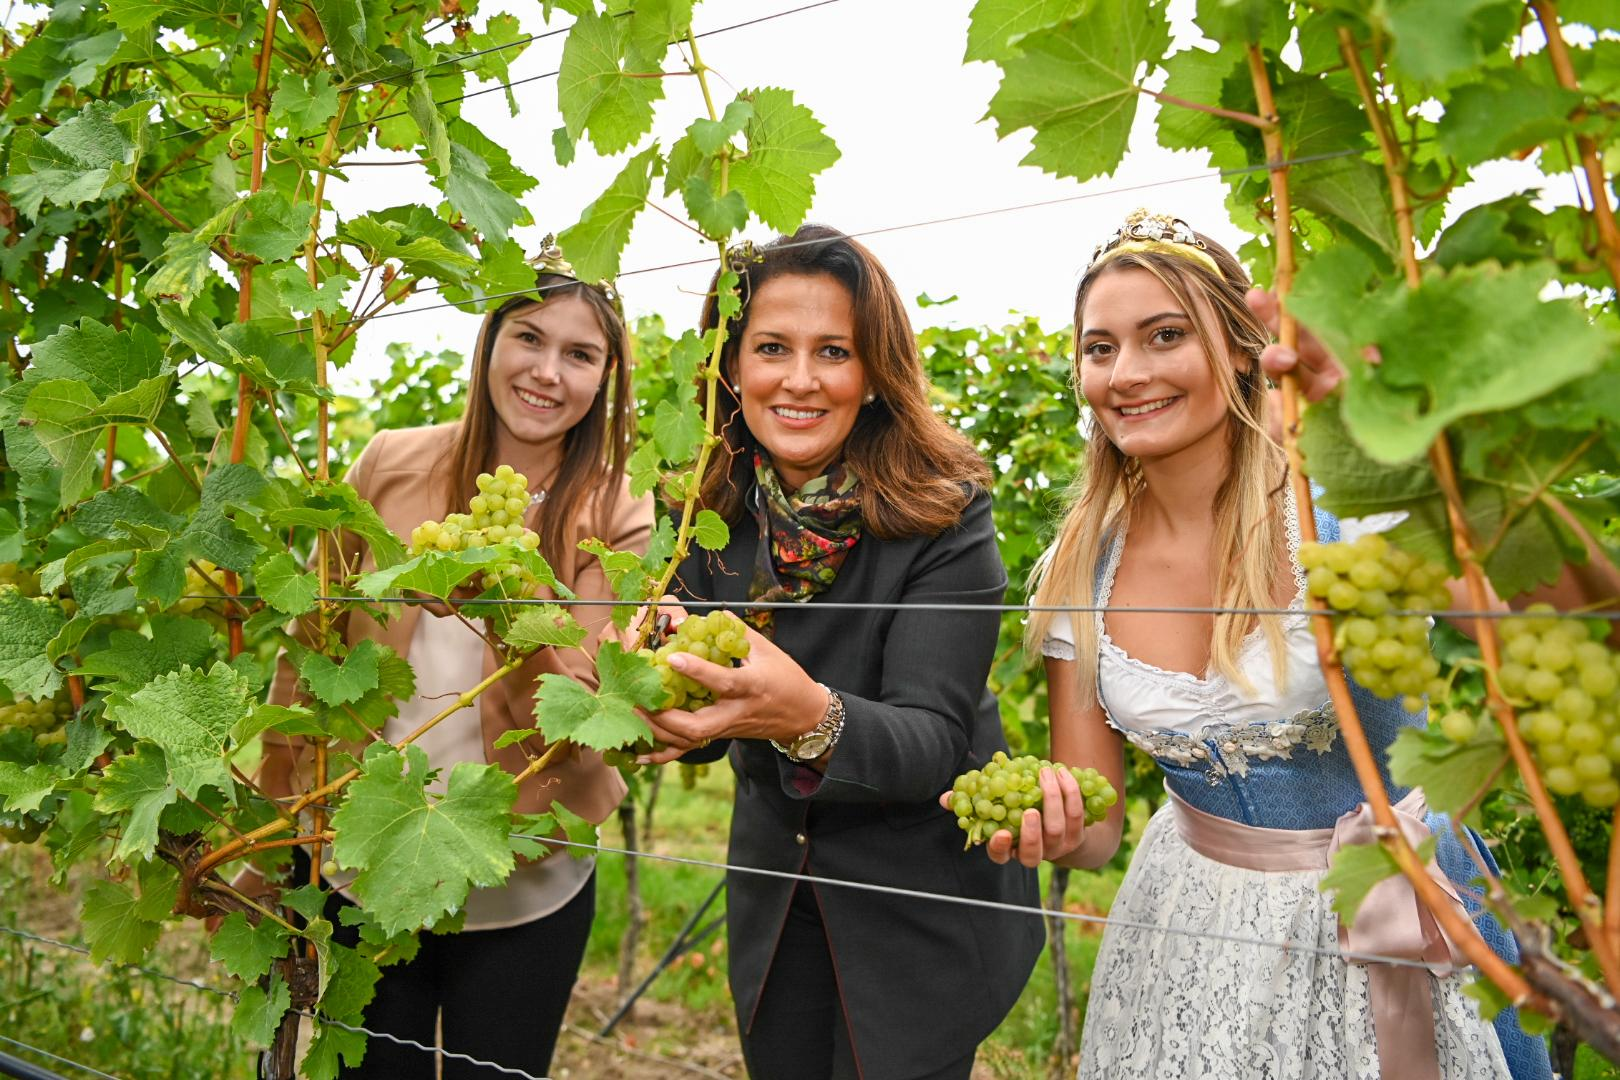 Michaela Kaniber mit der Fränkischen Weinkönigin Carolin Mayer (links) und der Nordheimer Weinprinzessin Chiara Krüger (rechts).